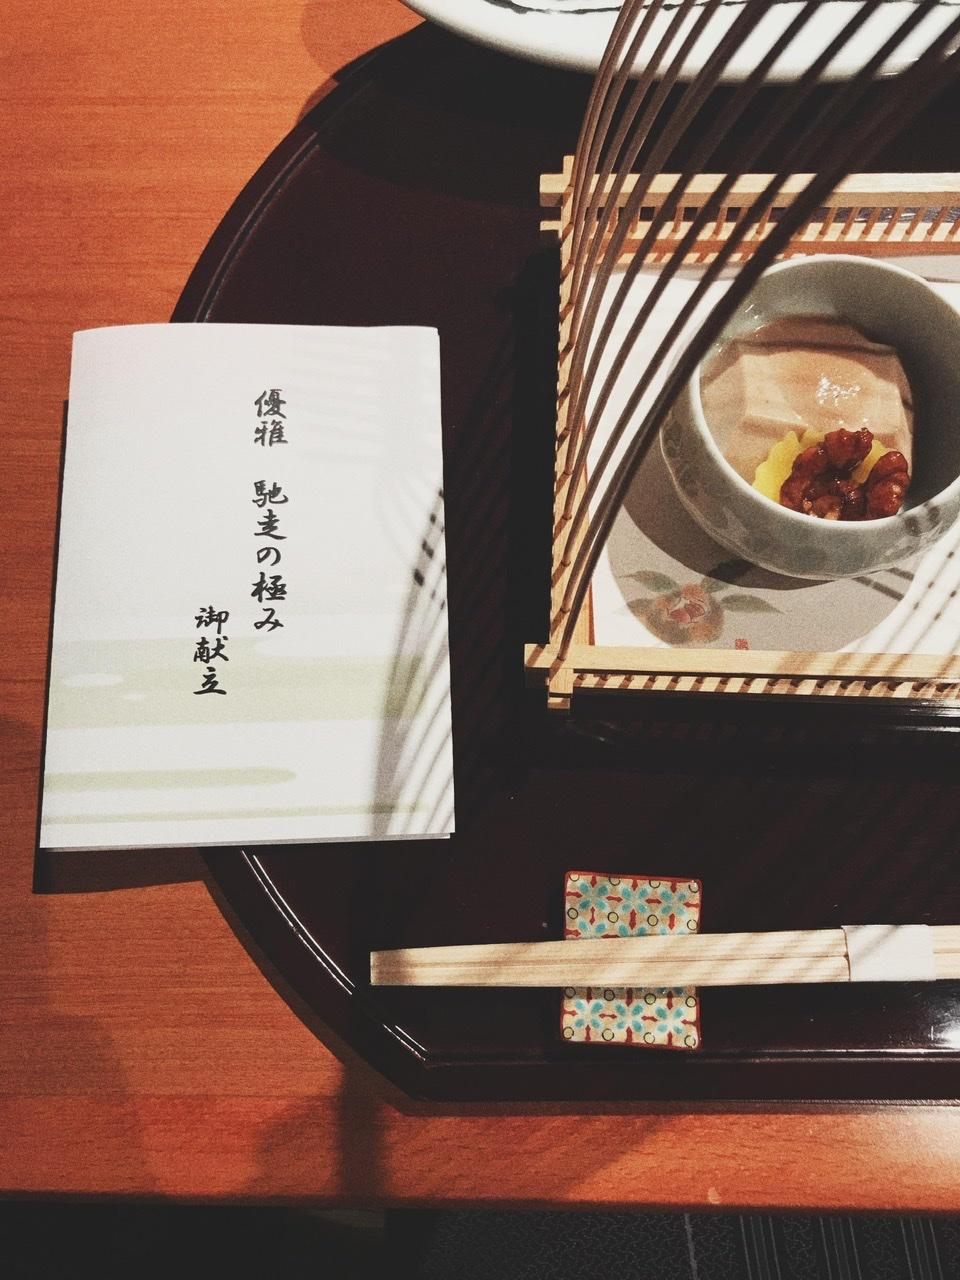 【女子旅におすすめ】わずか16部屋しかない伊豆の湯宿・玉翠のプライベート空間で満喫_5